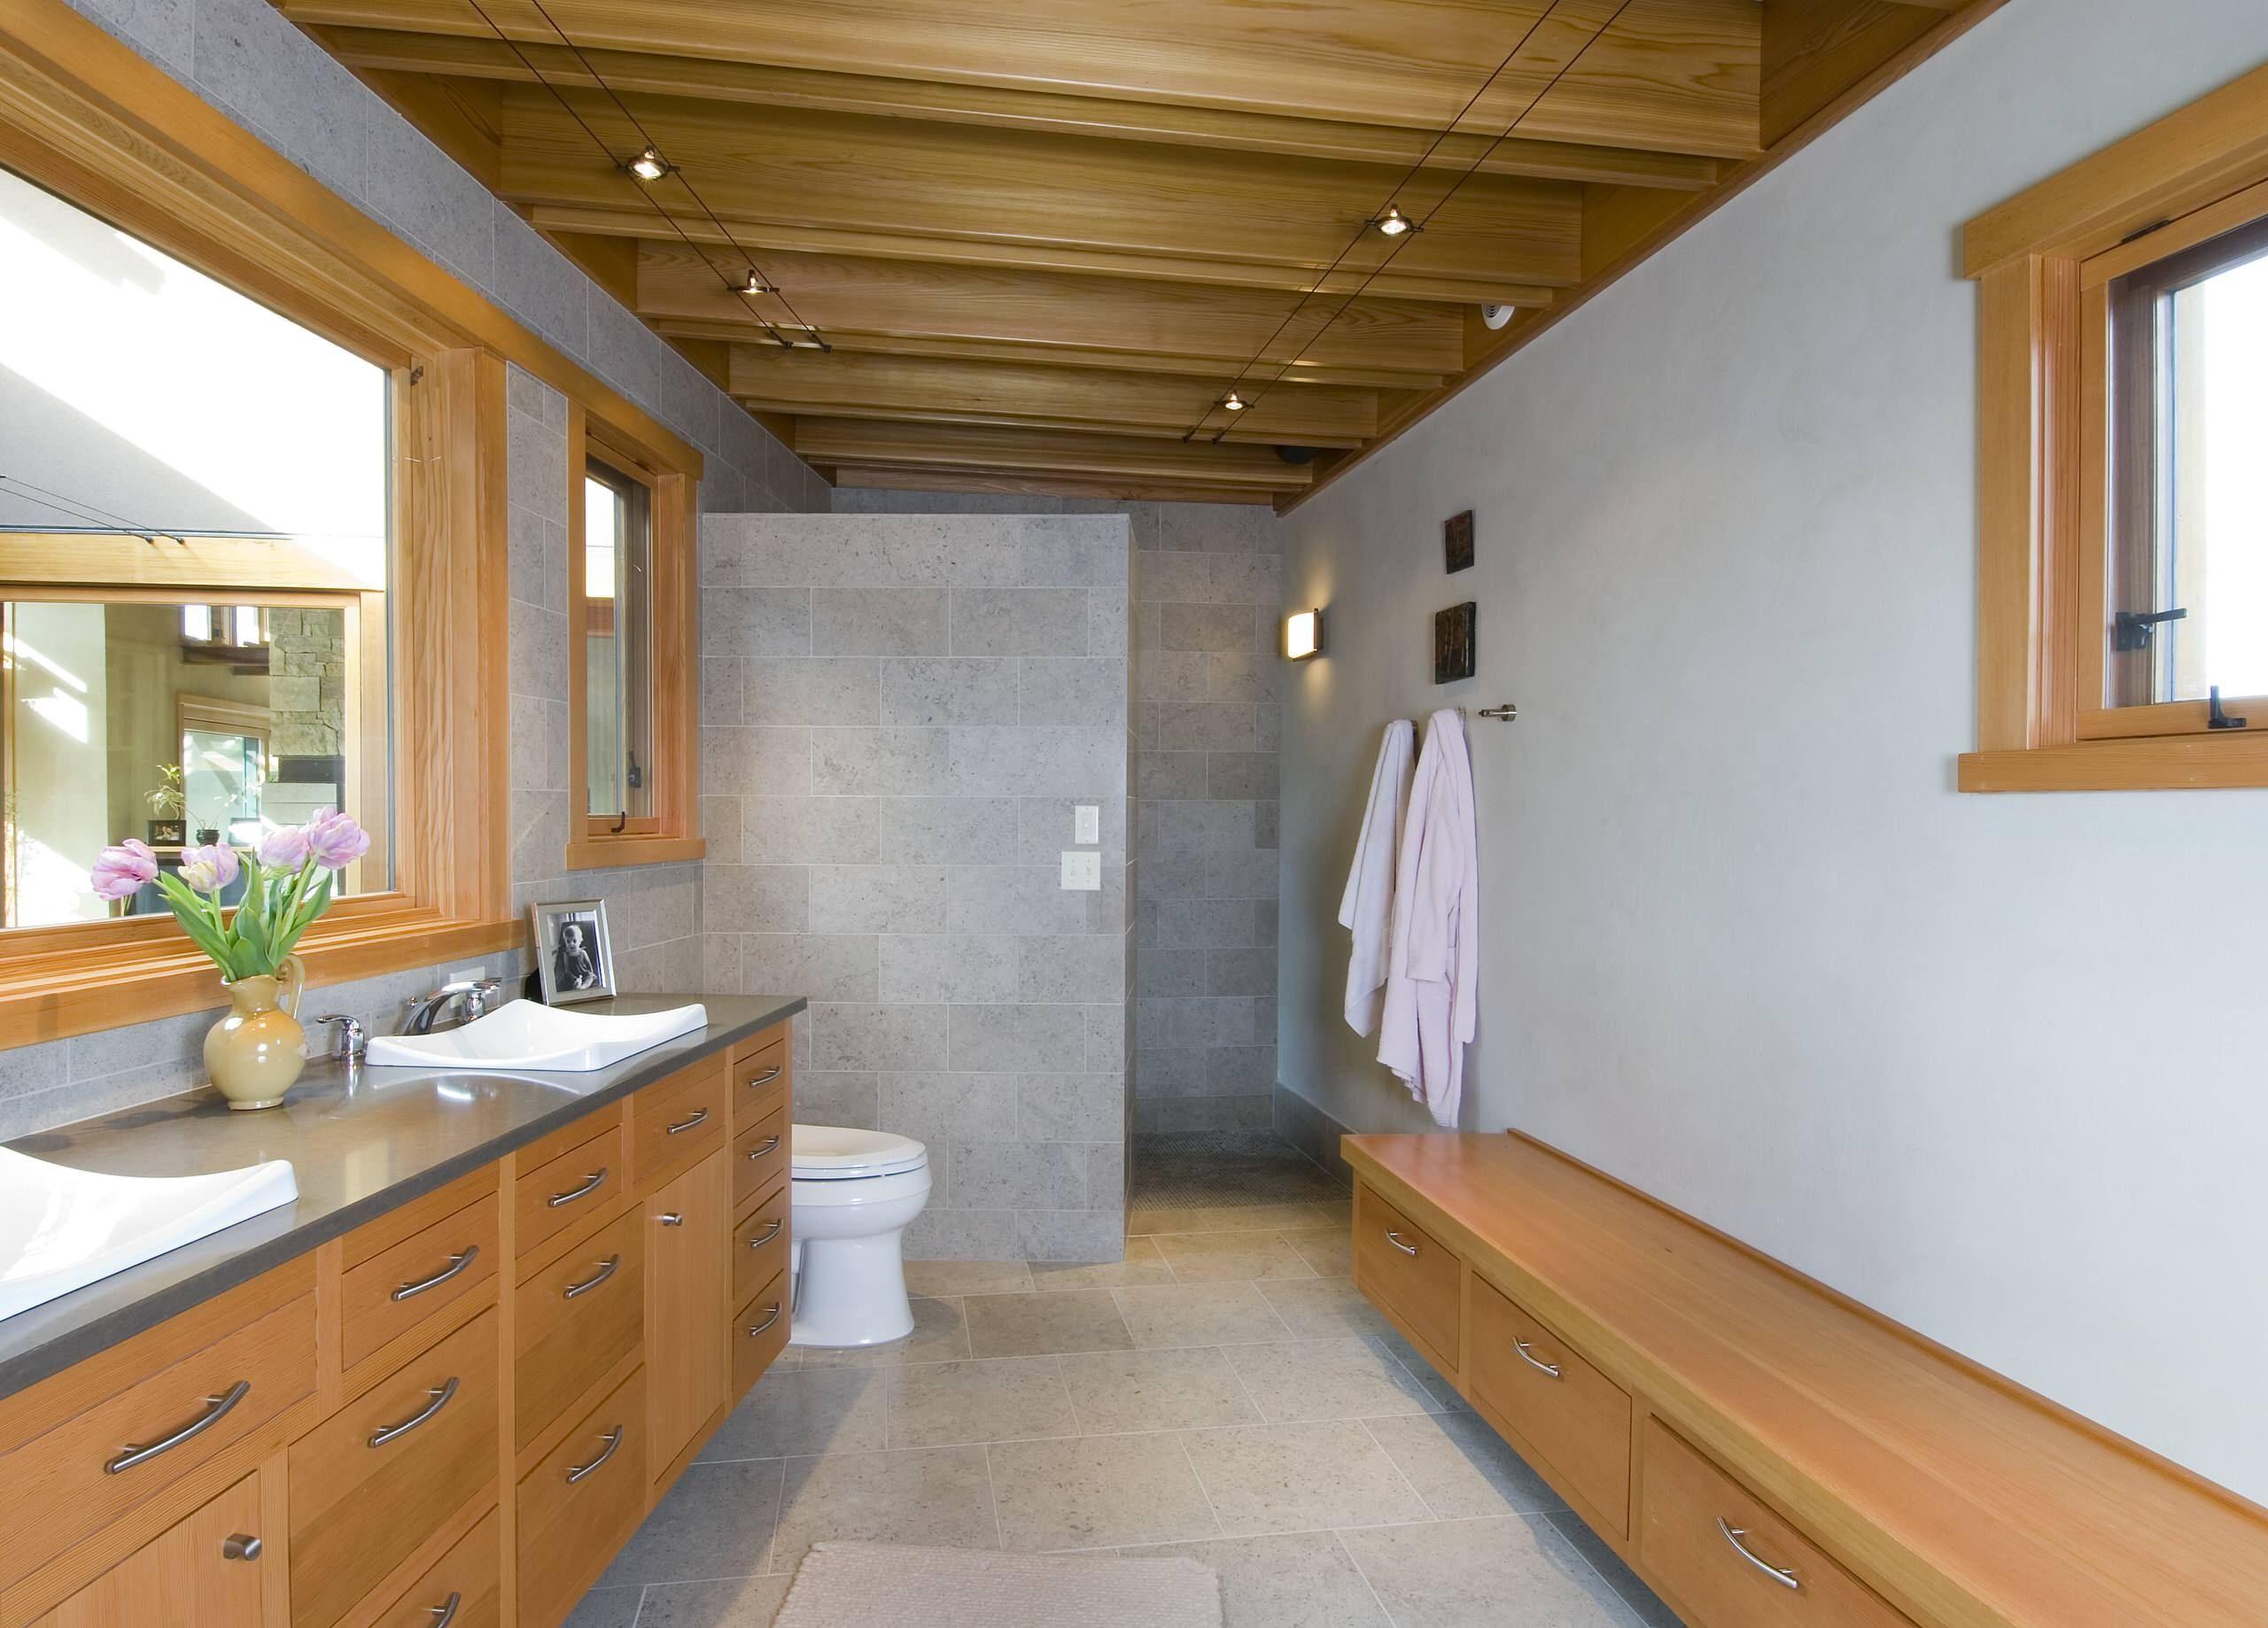 Bathroom Ceiling Beams Track Lighting Bathroom Doorless Shower Designs Floating Vanity Double